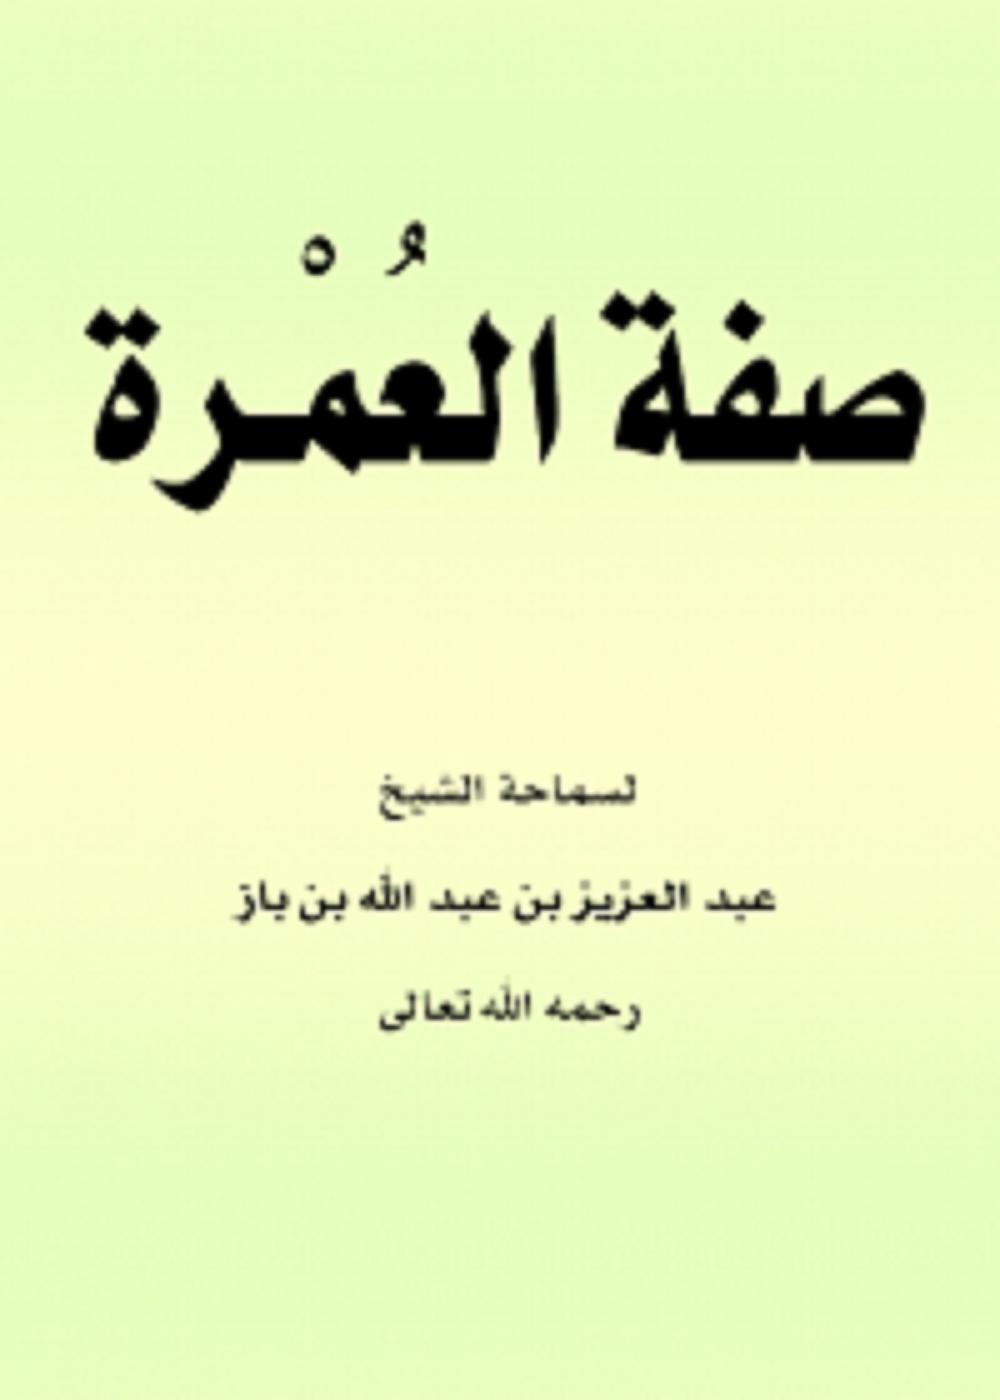 صفة العمرة عبدالعزيز بن عبدالله بن باز 07543910